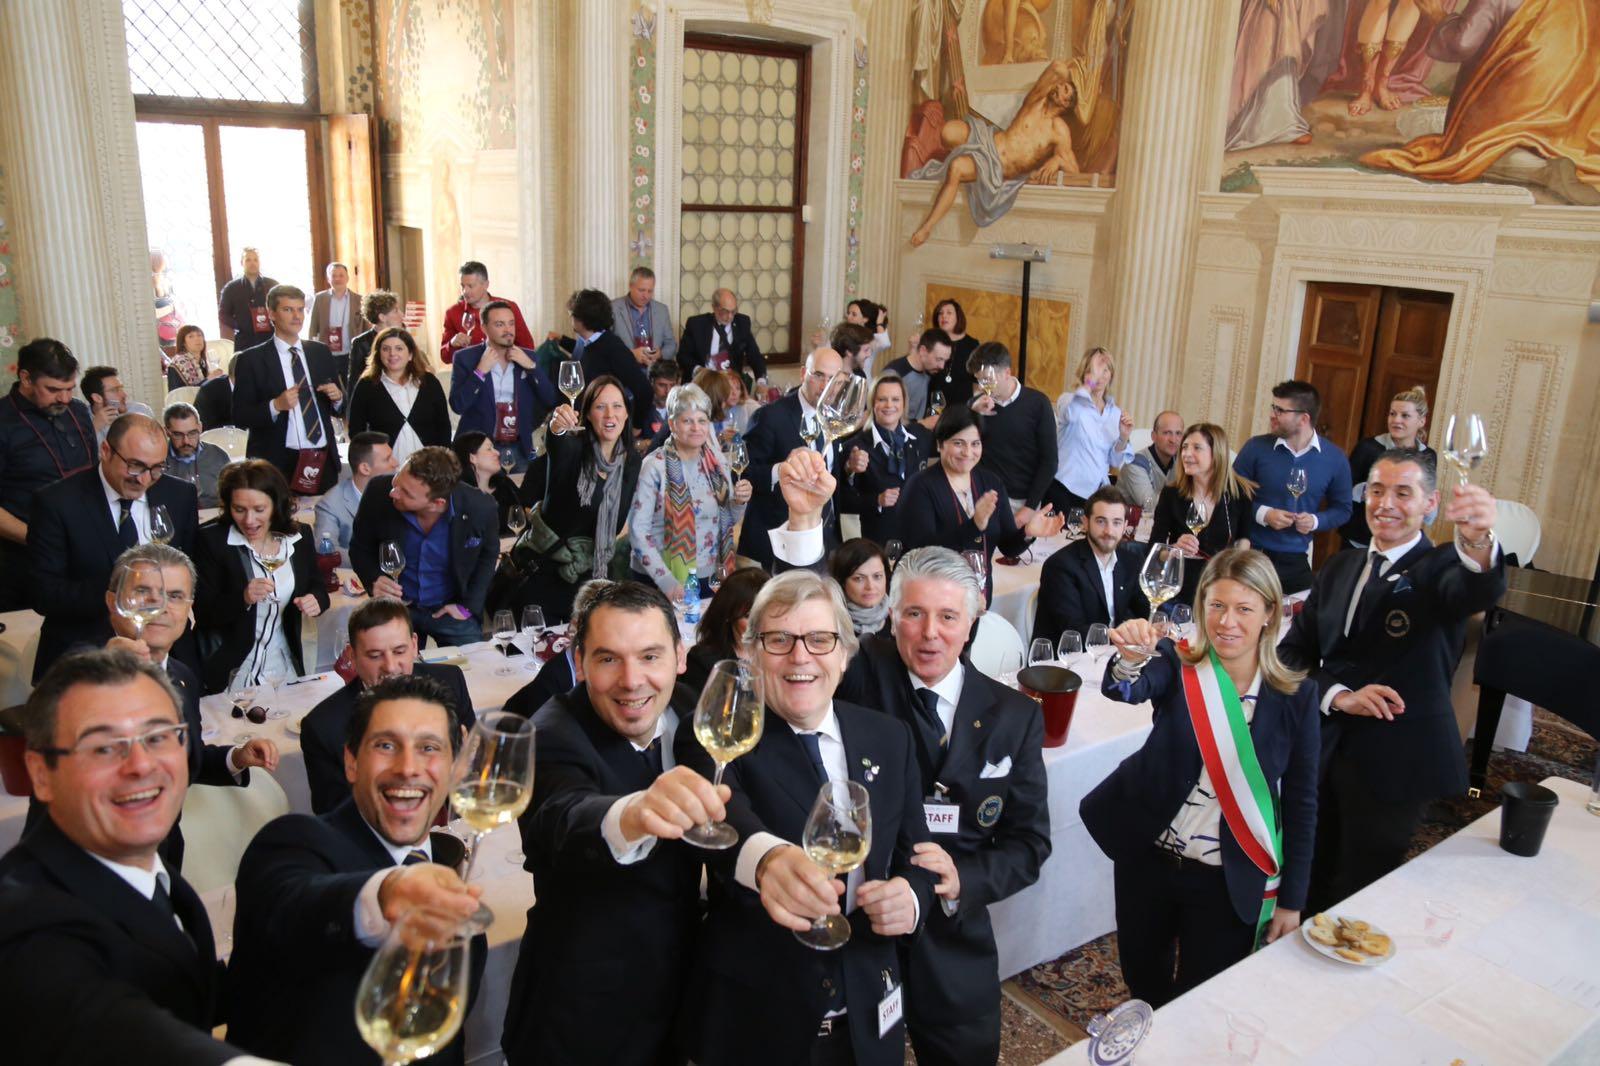 Ais Veneto: fra vino e note la passione è senza confini